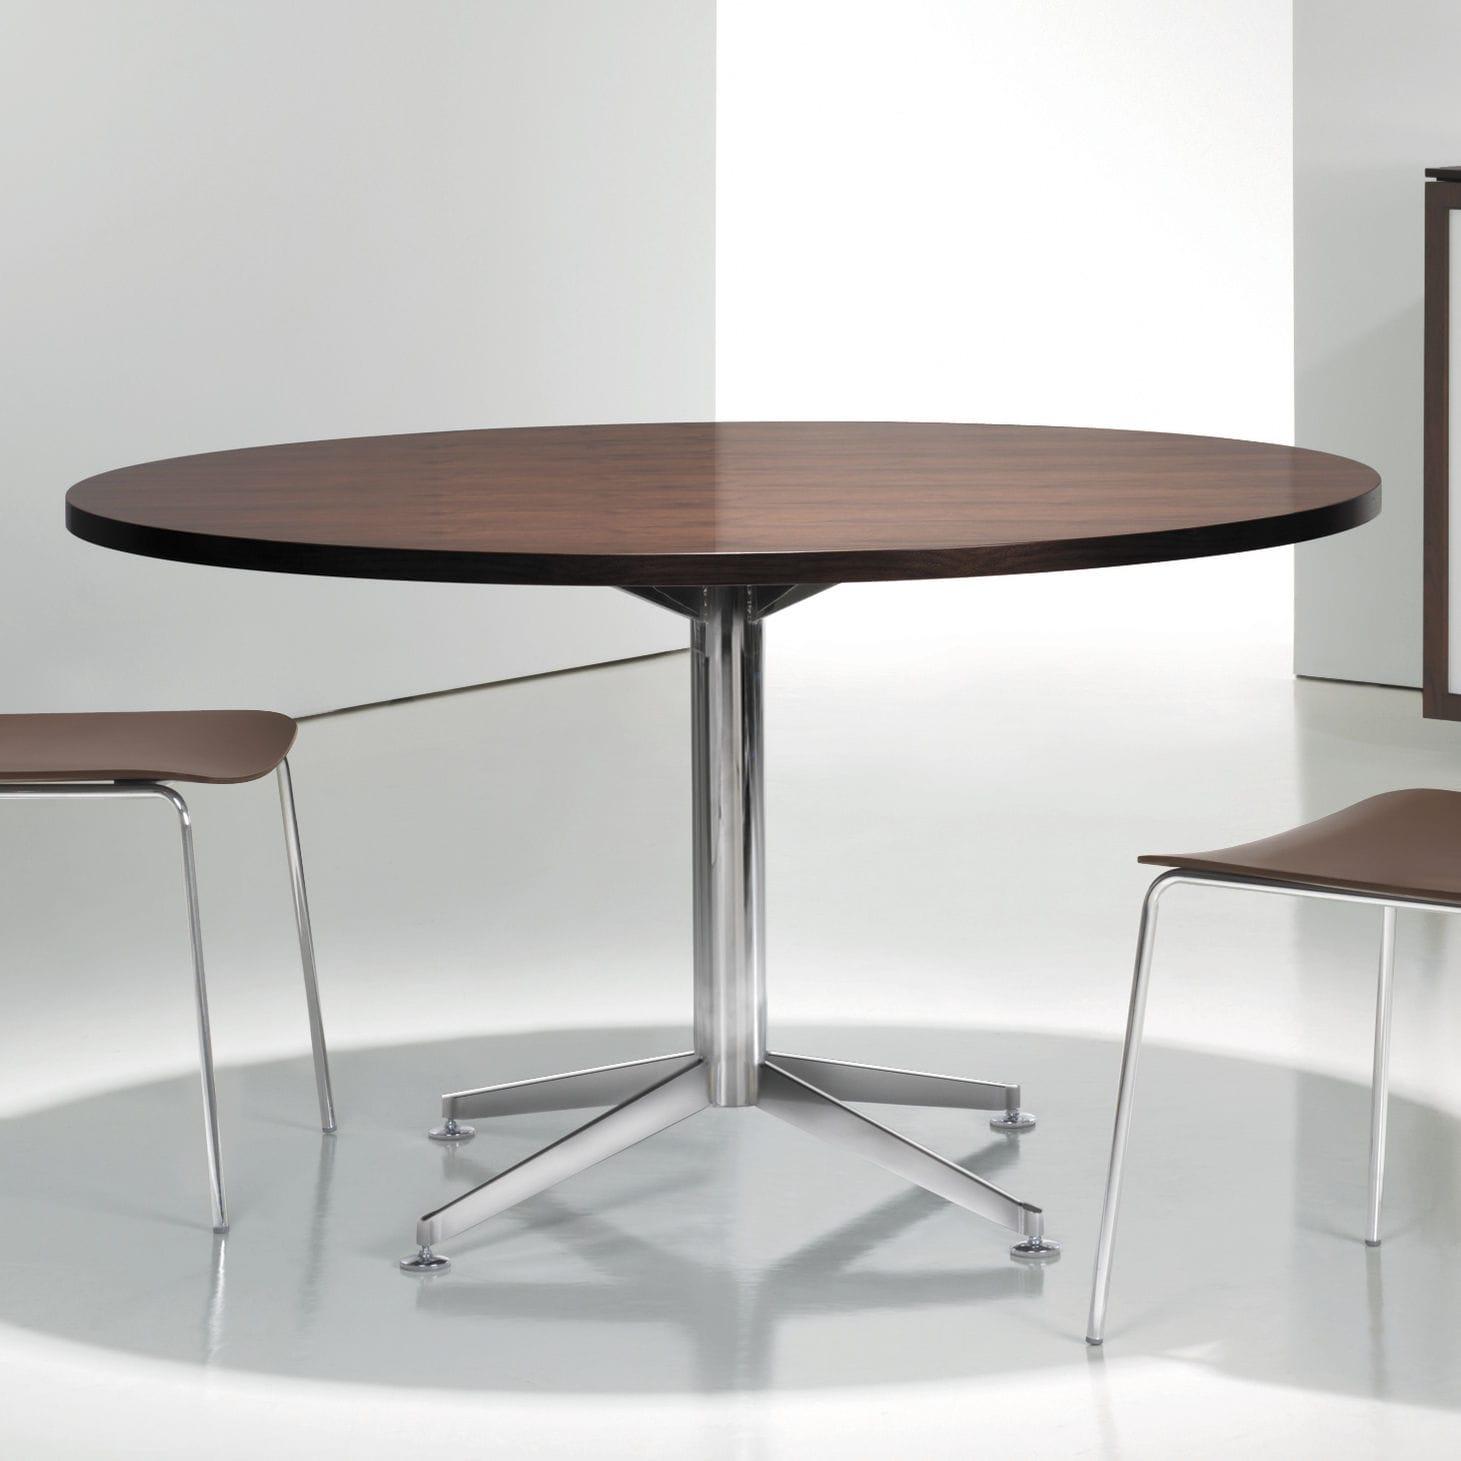 Tisch design rund  Moderner Tisch / Holz / Metall / rund - CIRCUIT - BERNHARD design